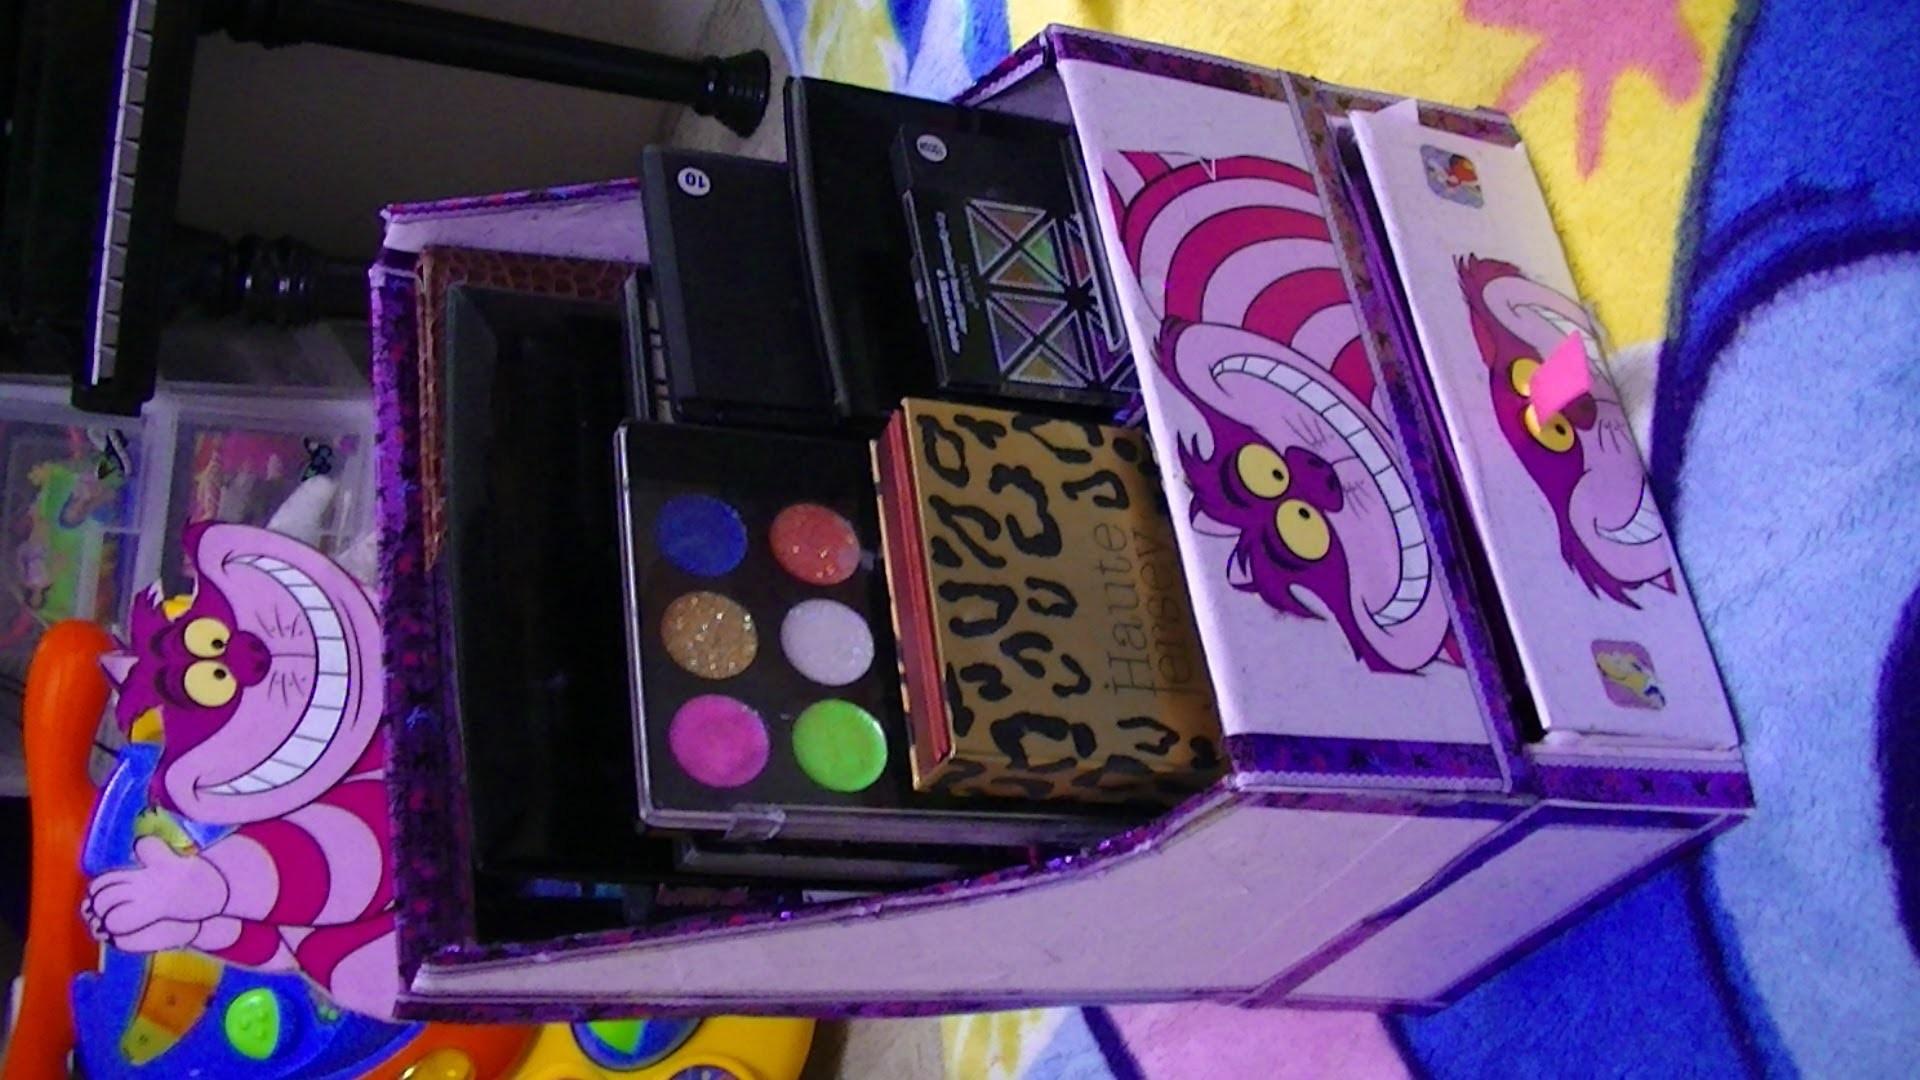 Manualidades: Organizador de paletas de maquillaje - Juancarlos960